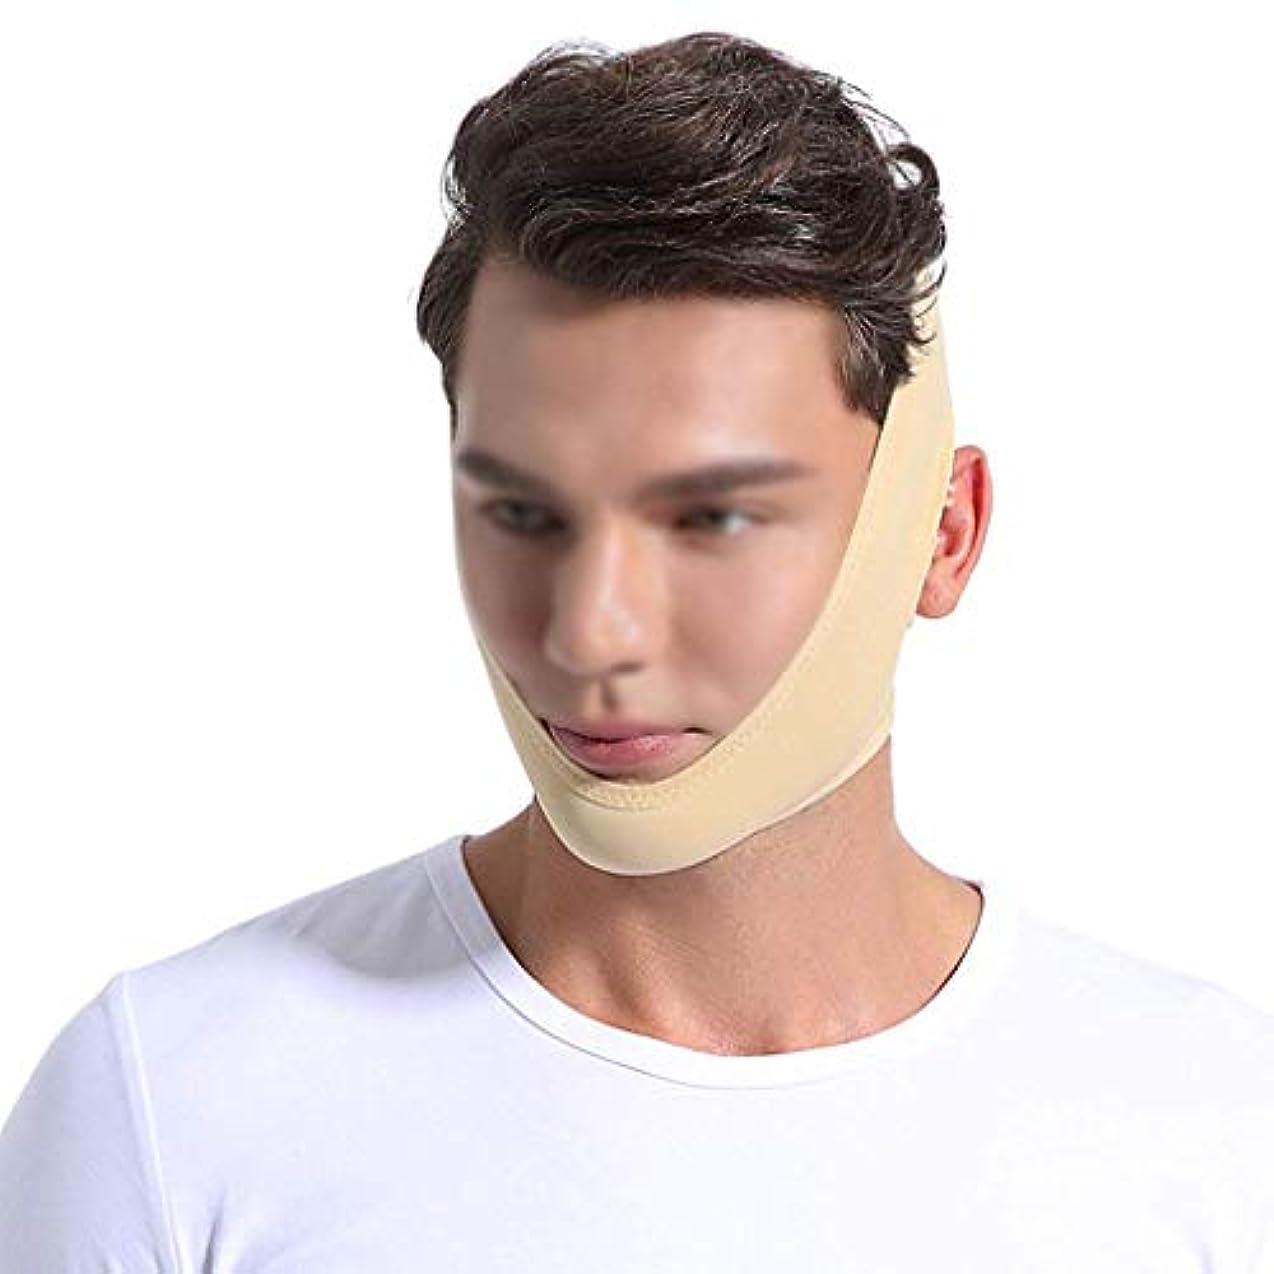 は医療用ワイヤーカービングの後で持ち上がるマスクを再開します、人および女性の顔の伸縮性がある包帯のヘッドギア結ばれた小さいVの表面薄い表面マスク